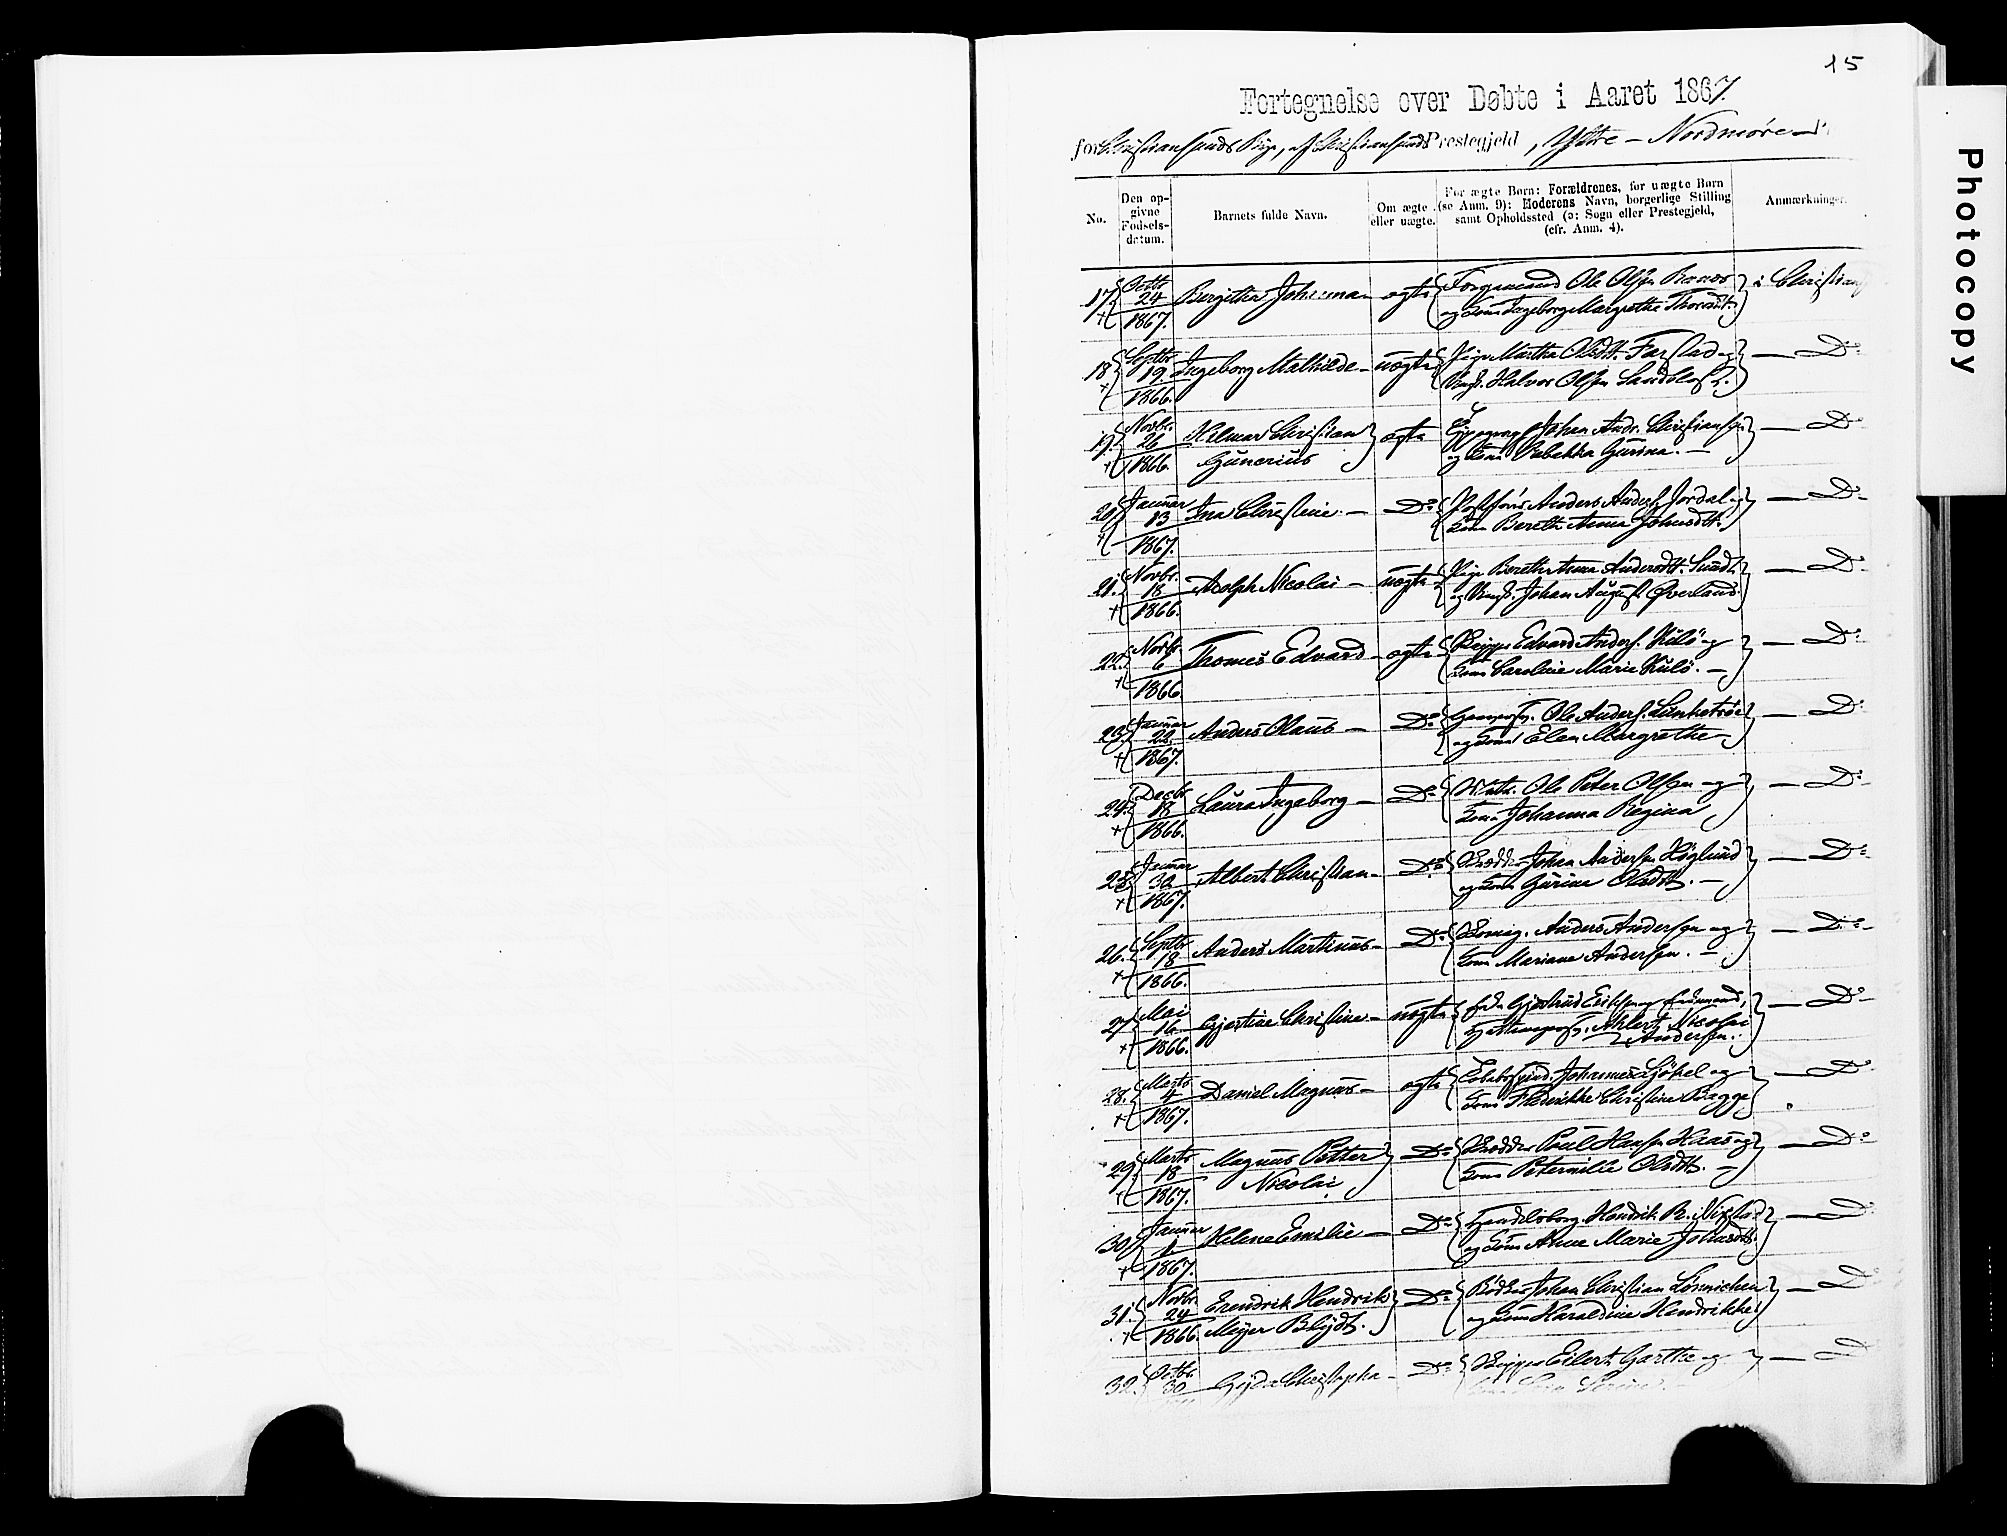 SAT, Ministerialprotokoller, klokkerbøker og fødselsregistre - Møre og Romsdal, 572/L0857: Ministerialbok nr. 572D01, 1866-1872, s. 15